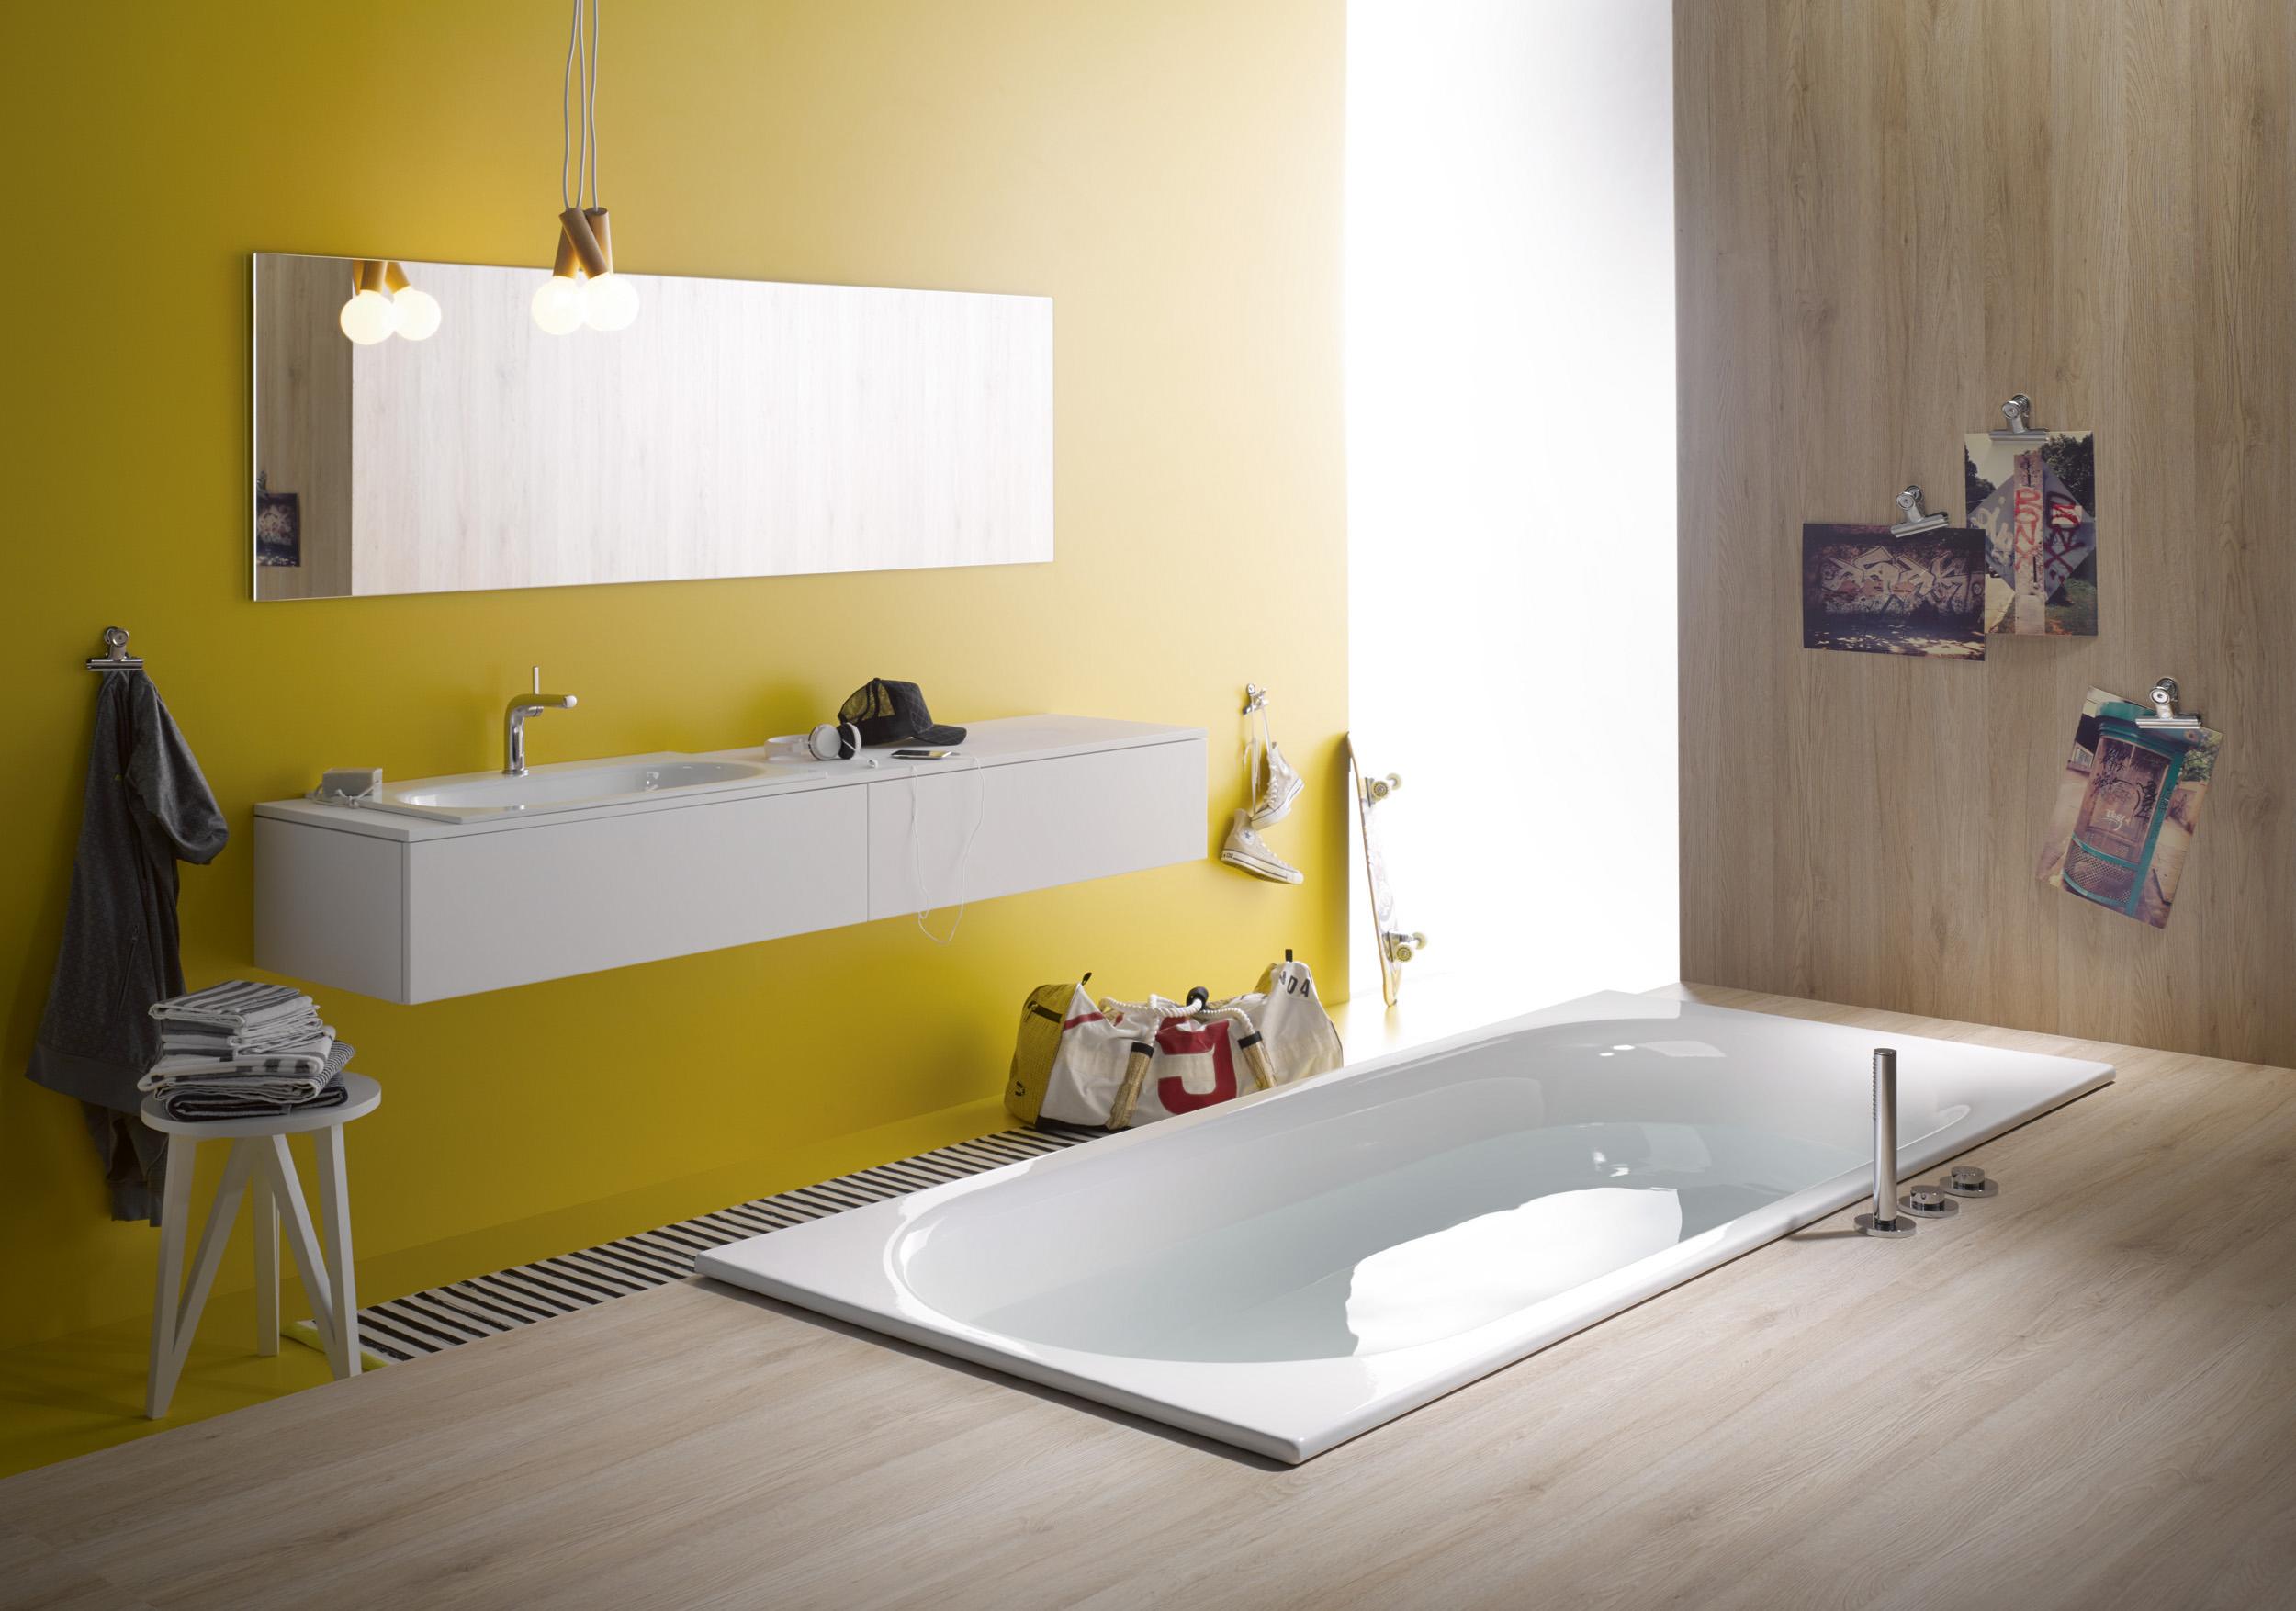 Heerlijk ligcomfort in luxe bad Bettecomodo - Nieuws Startpagina ...